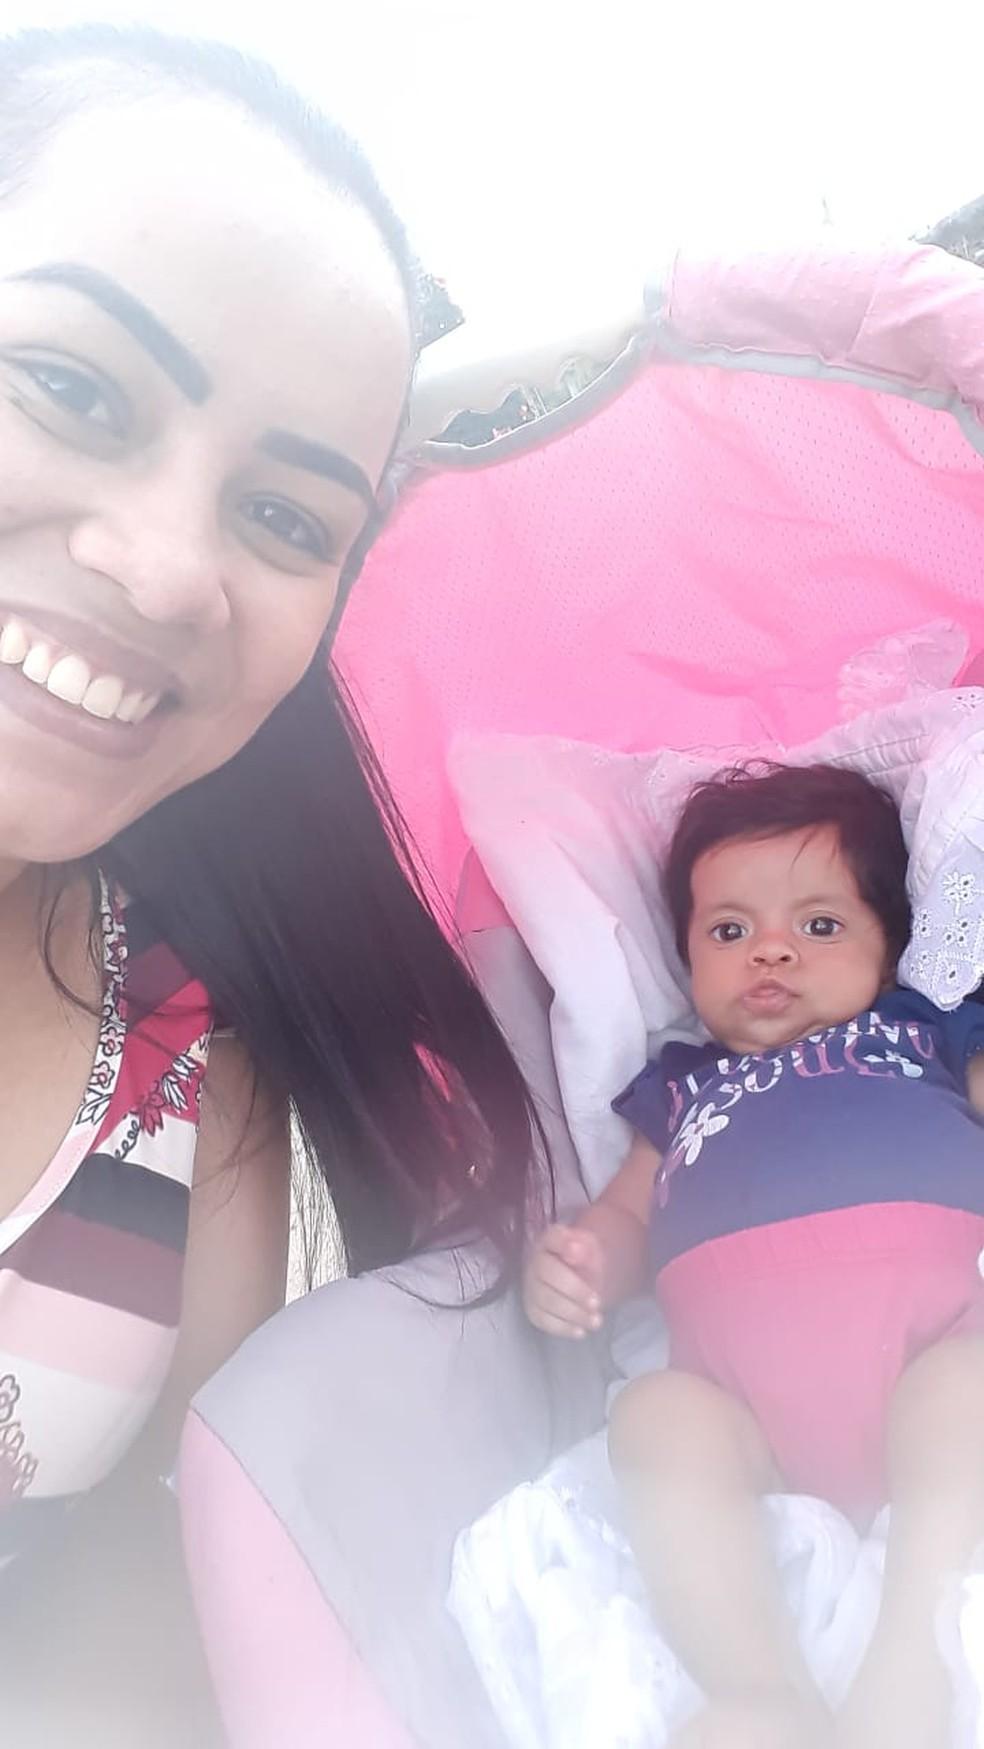 Família de bebê de 10 meses com rins e fígado debilitados luta na Justiça por vaga em hospital público — Foto: Arquivo Pessoal/Glaucia Cardoso